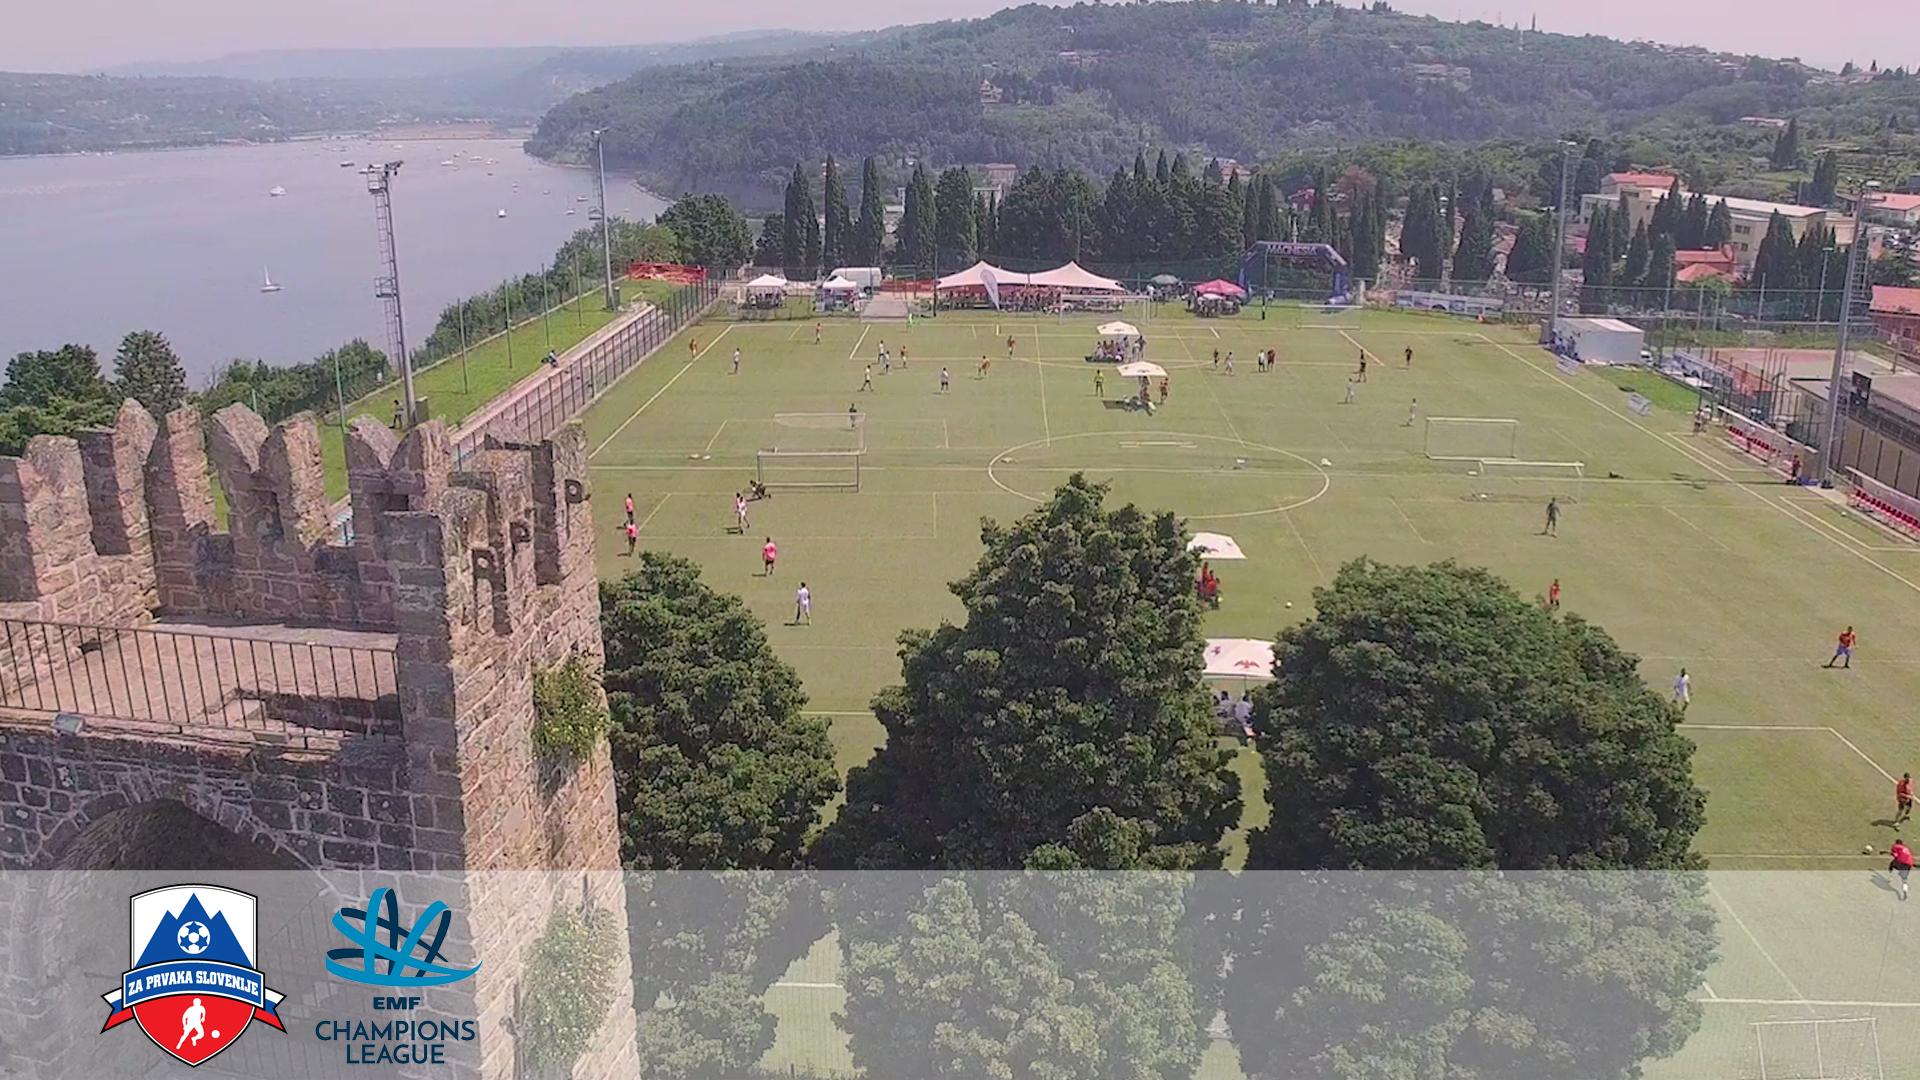 Za Prvaka Slovenije Piran